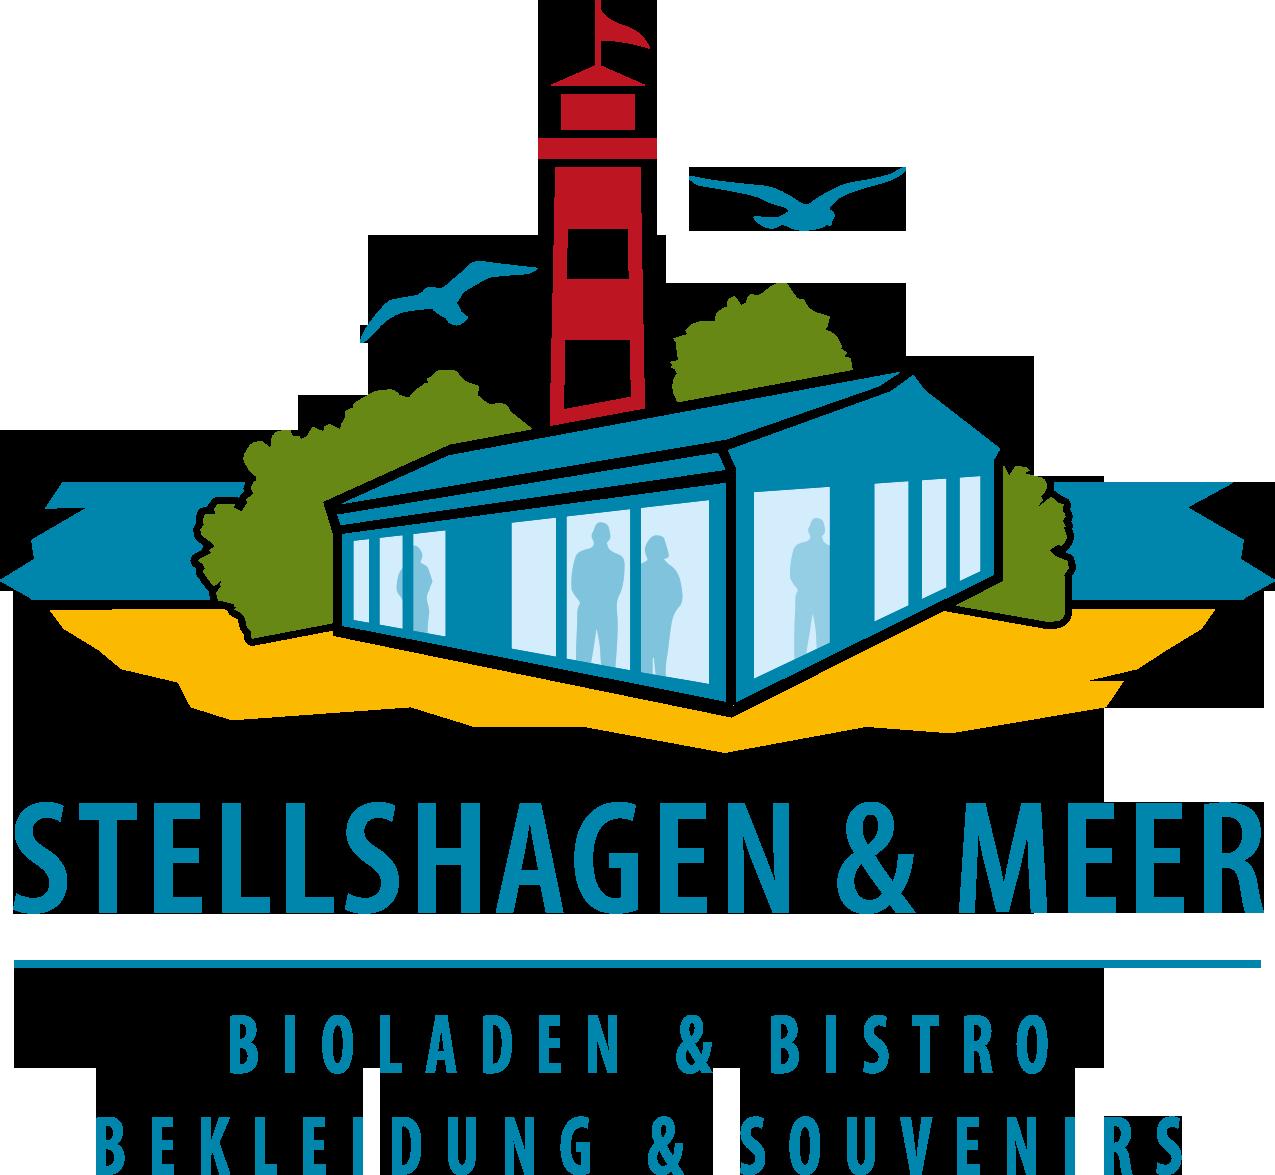 Stellshagen & Meer